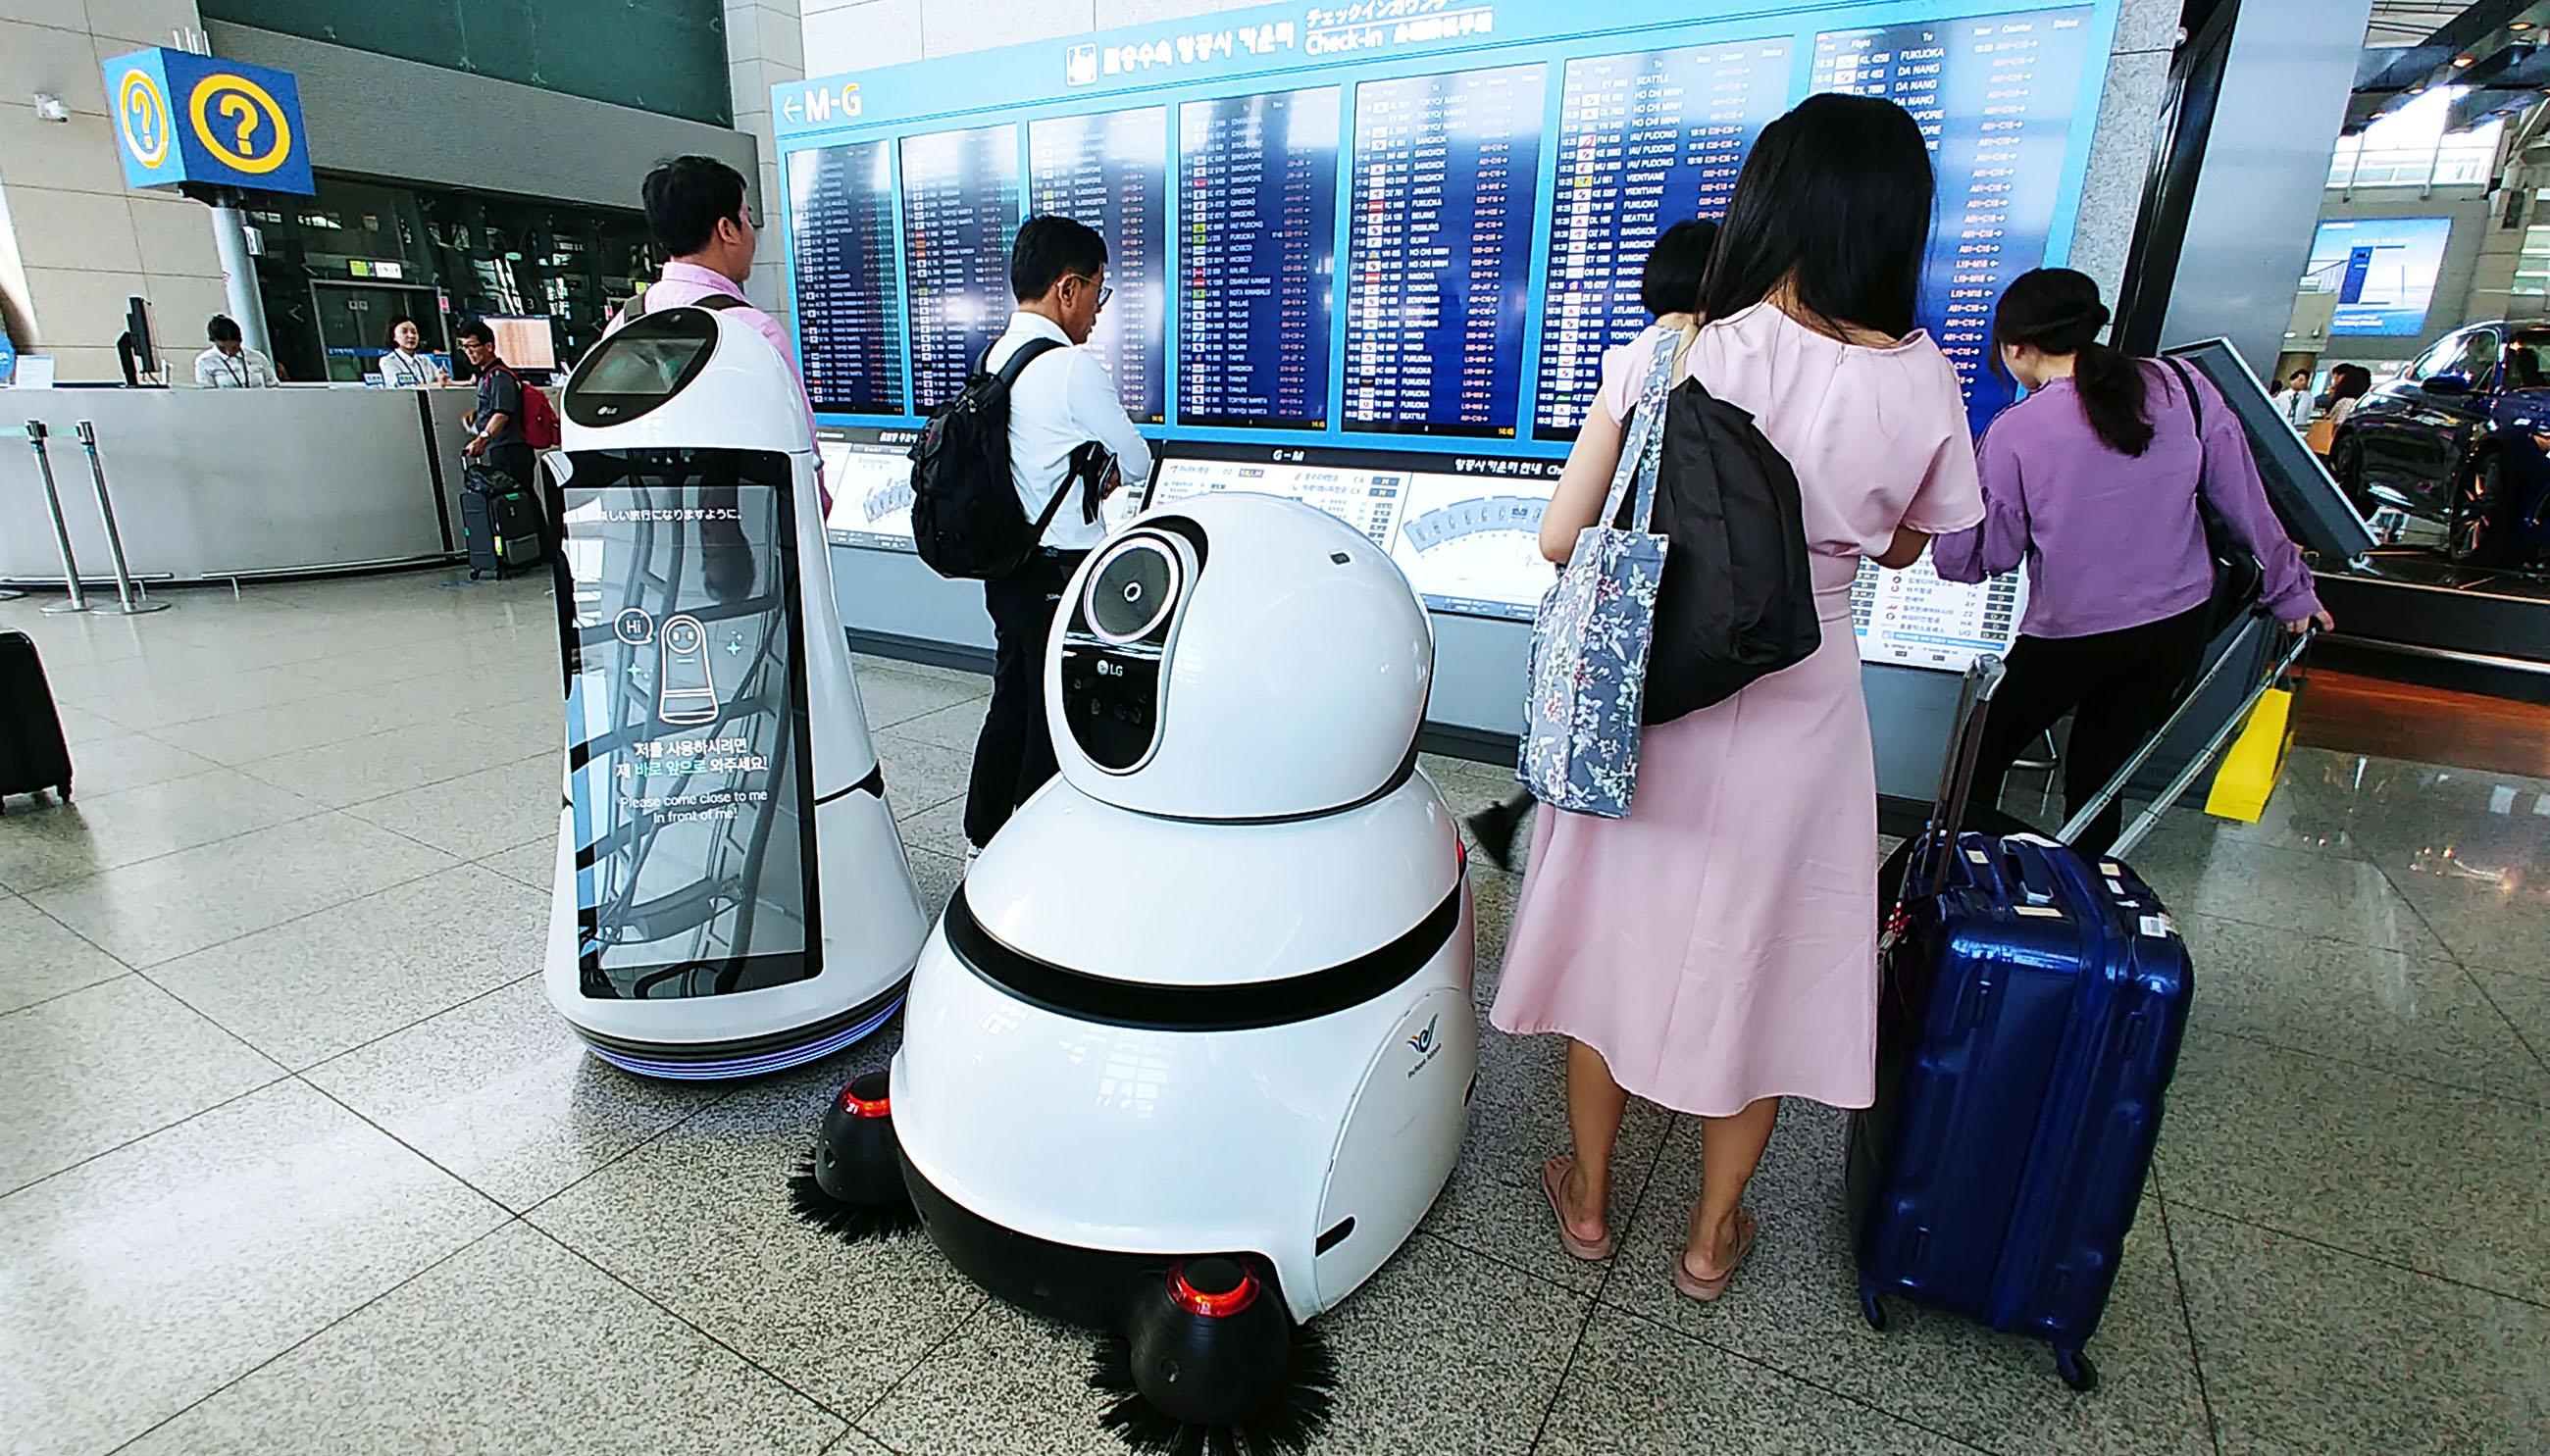 2017년 인천국제공항에서 시범서비스를 선보였던 '안내로봇'과 '청소로봇'